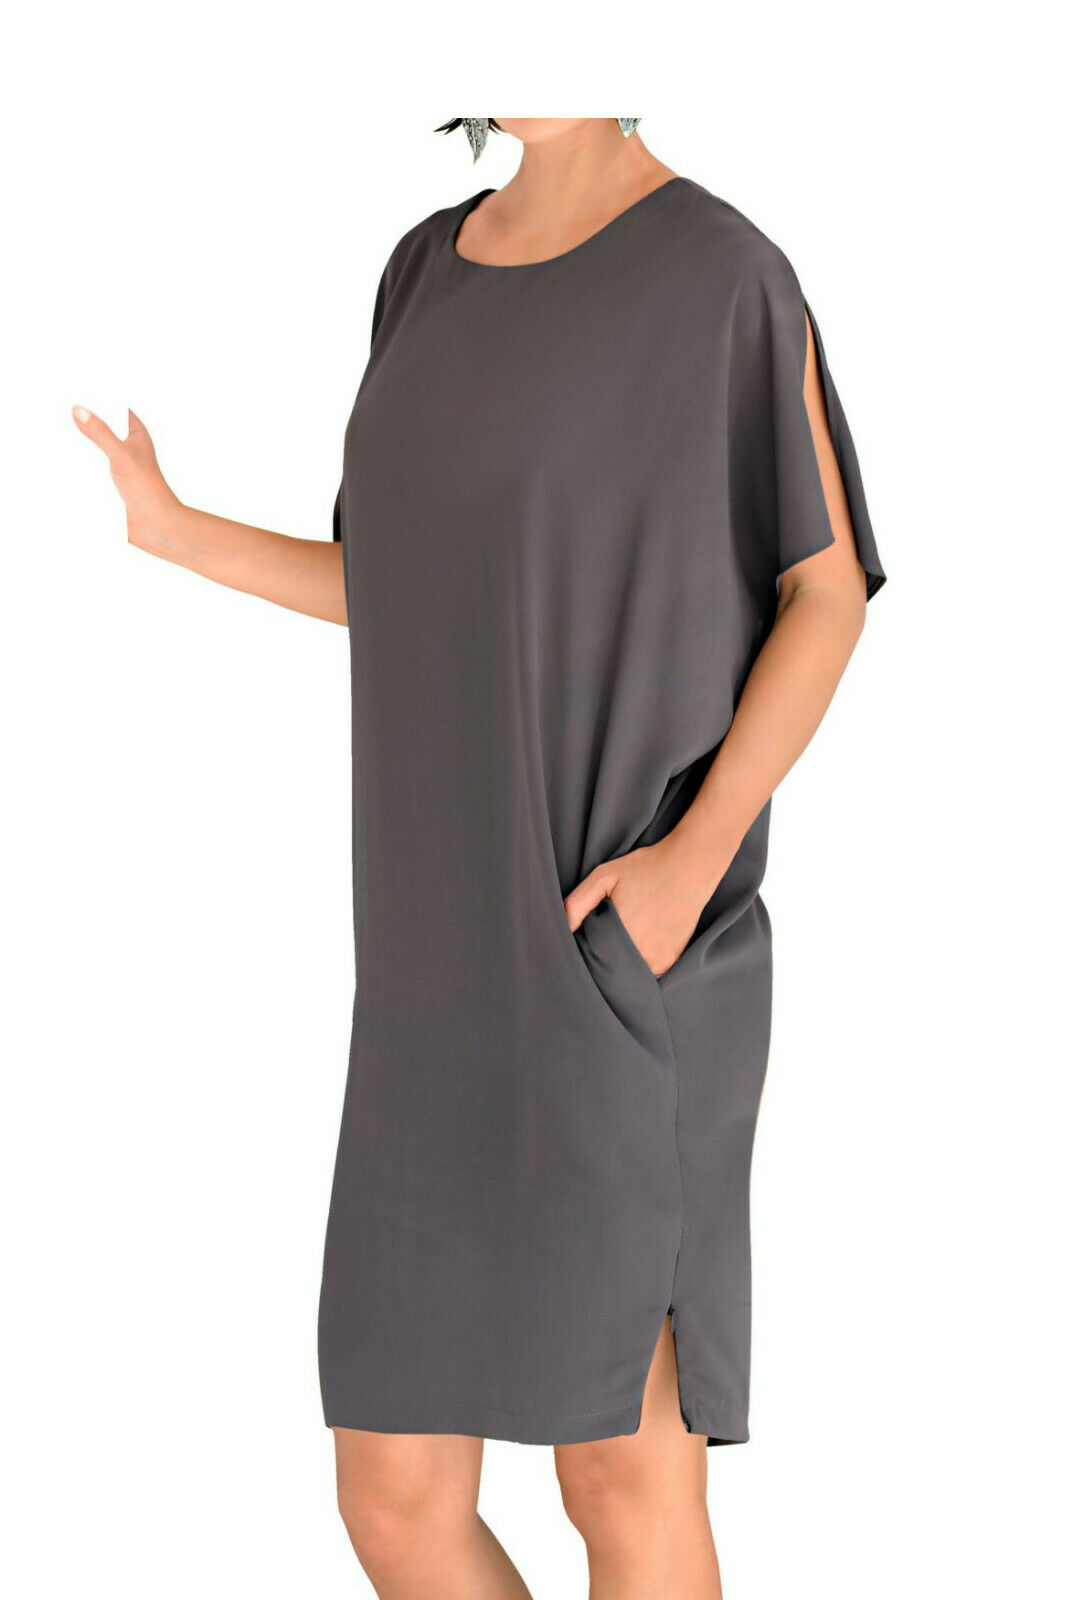 details zu alba moda oversized-kleid, anthrazit. gr. 36. neu!!! kp 99,95 €  sale%%%